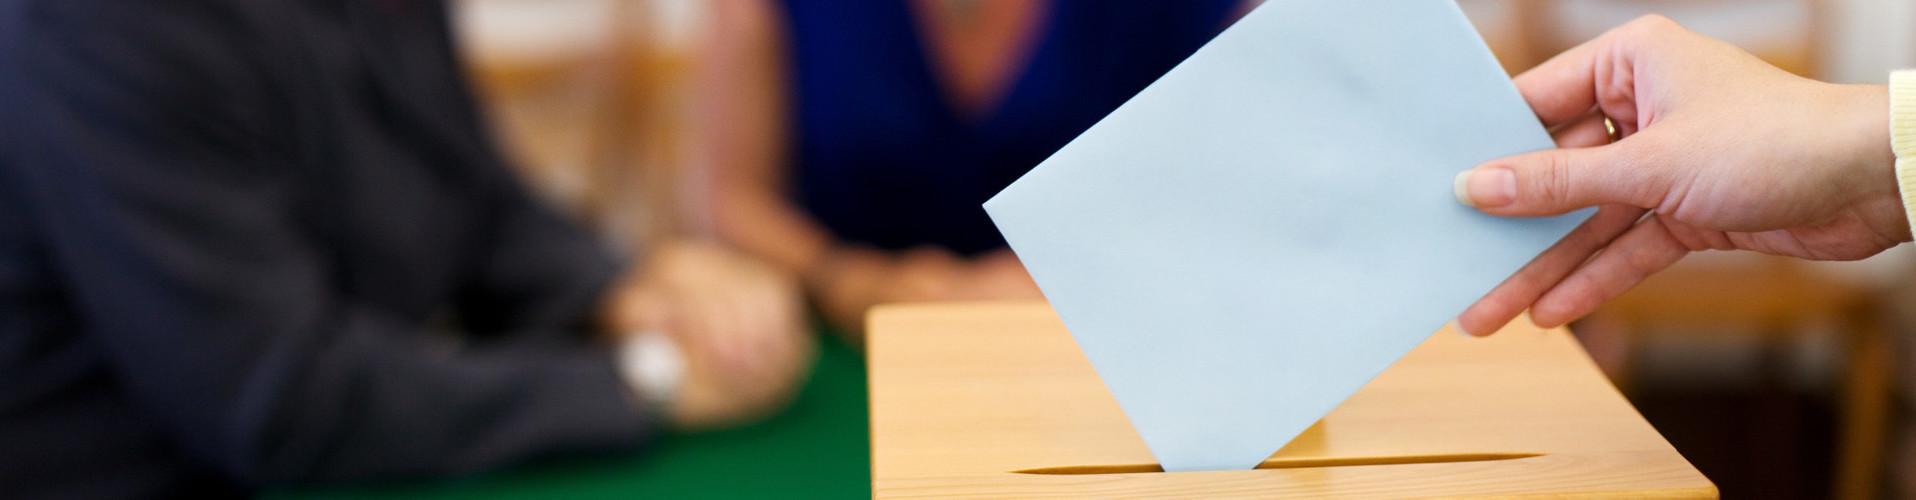 Vor unscharfem Hintergrund sieht man die Hand einer Frau, die ein Kurvert in eine Wahlurne steckt. © Gina Sanders, stock.adobe.com